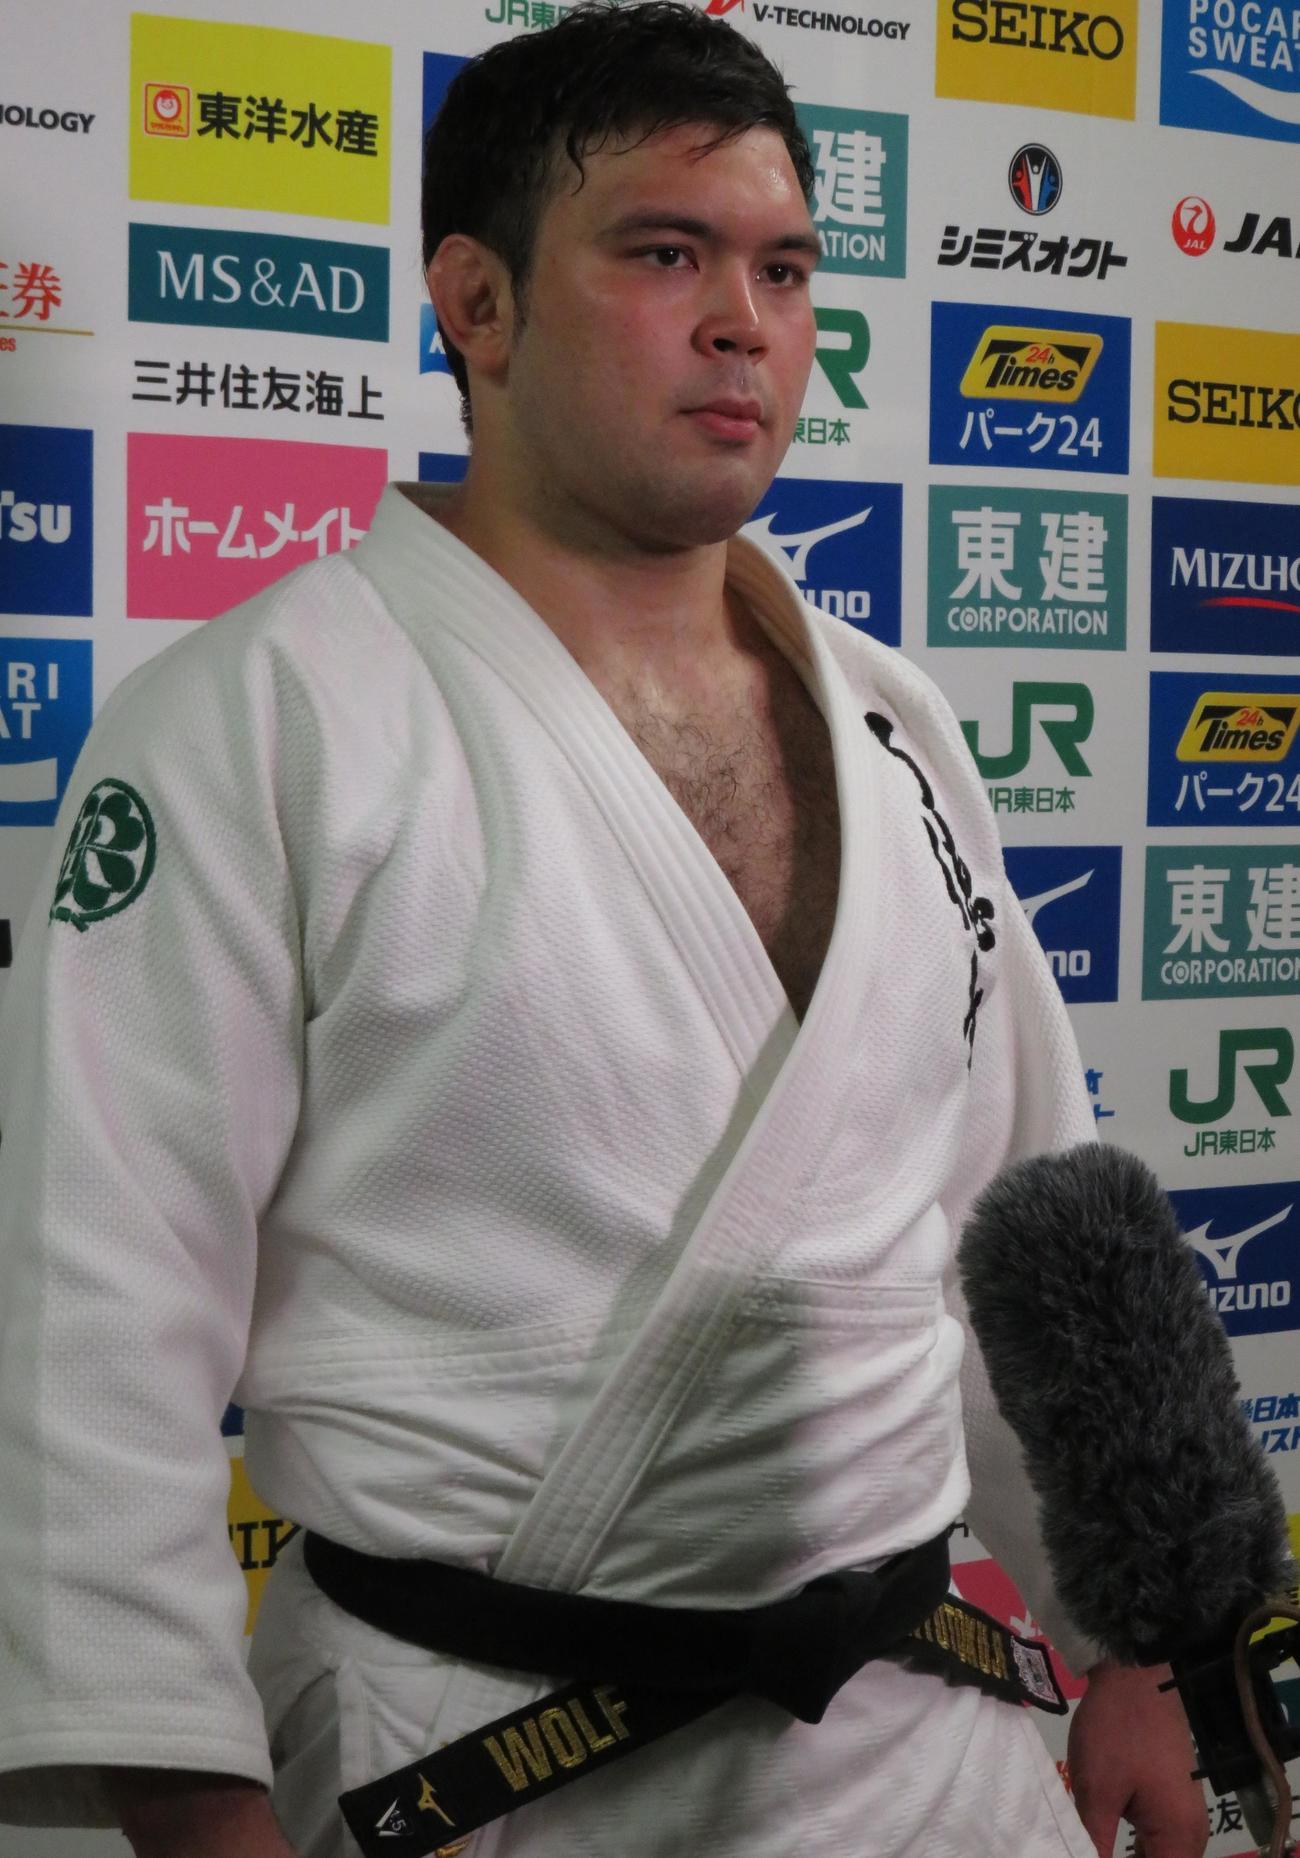 胸毛をそらずに全日本選手権に臨んだウルフ・アロン(撮影・峯岸佑樹)